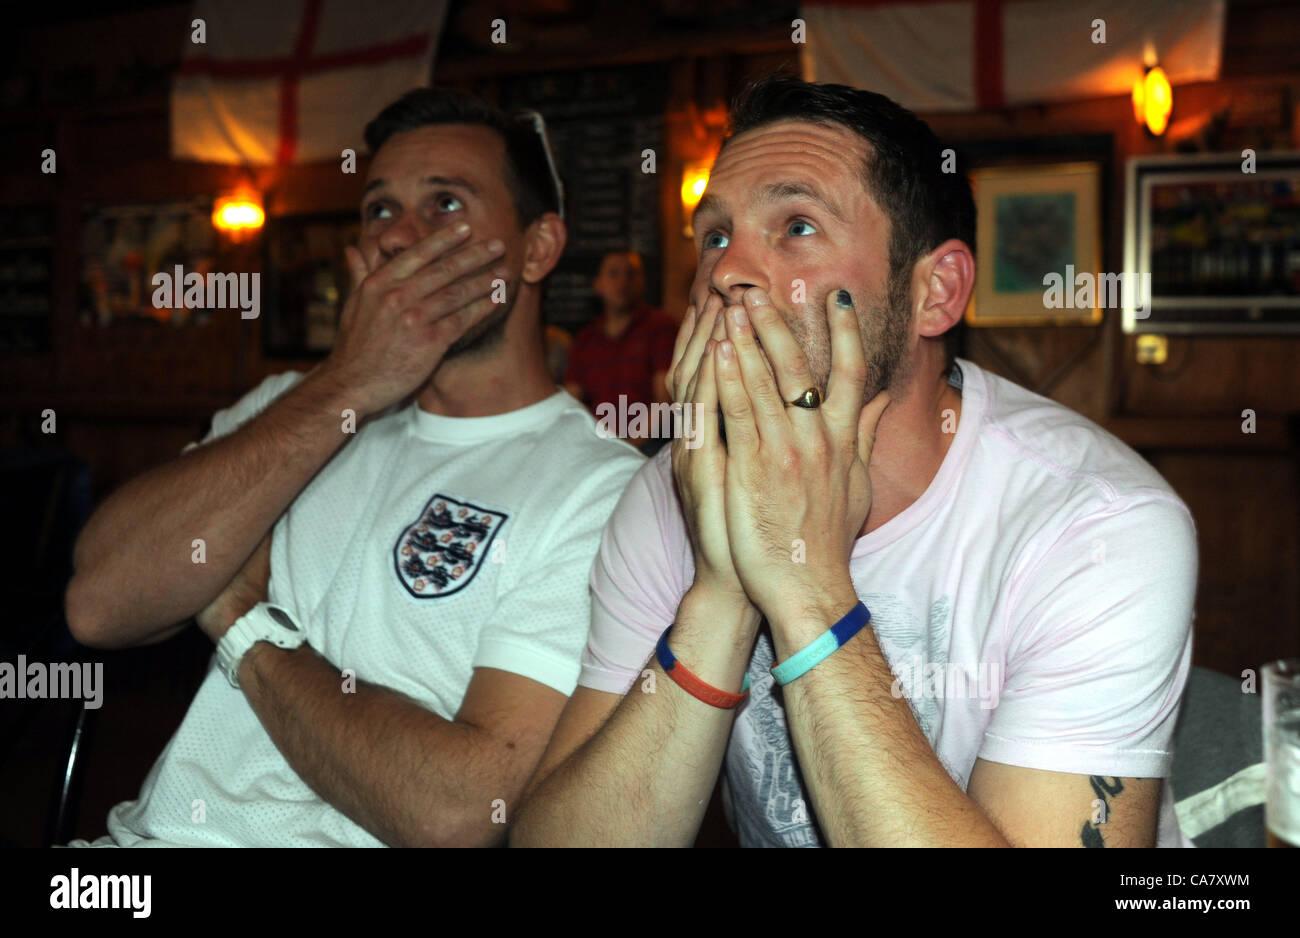 Brighton Regno Unito 24 Giugno 2012 - momenti di tensione per i tifosi inglesi all'uomo lungo di Wilmington Immagini Stock